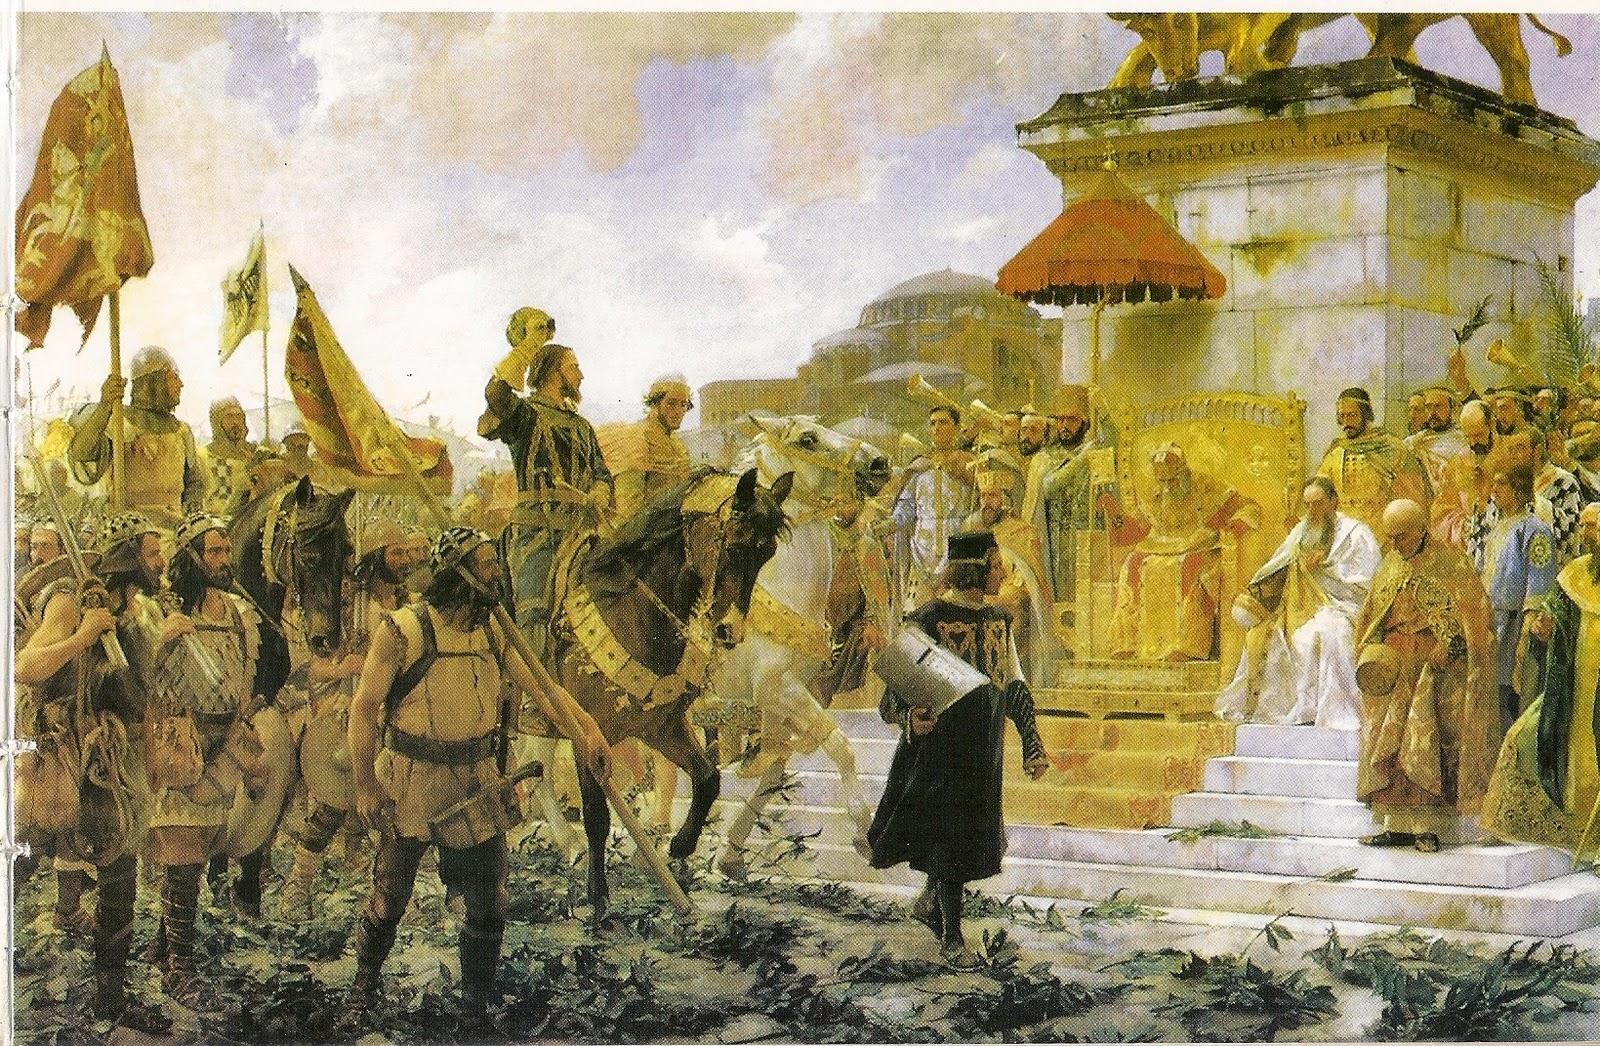 El reino de Aragón en el siglo XIII. Una historia de España (XIII)